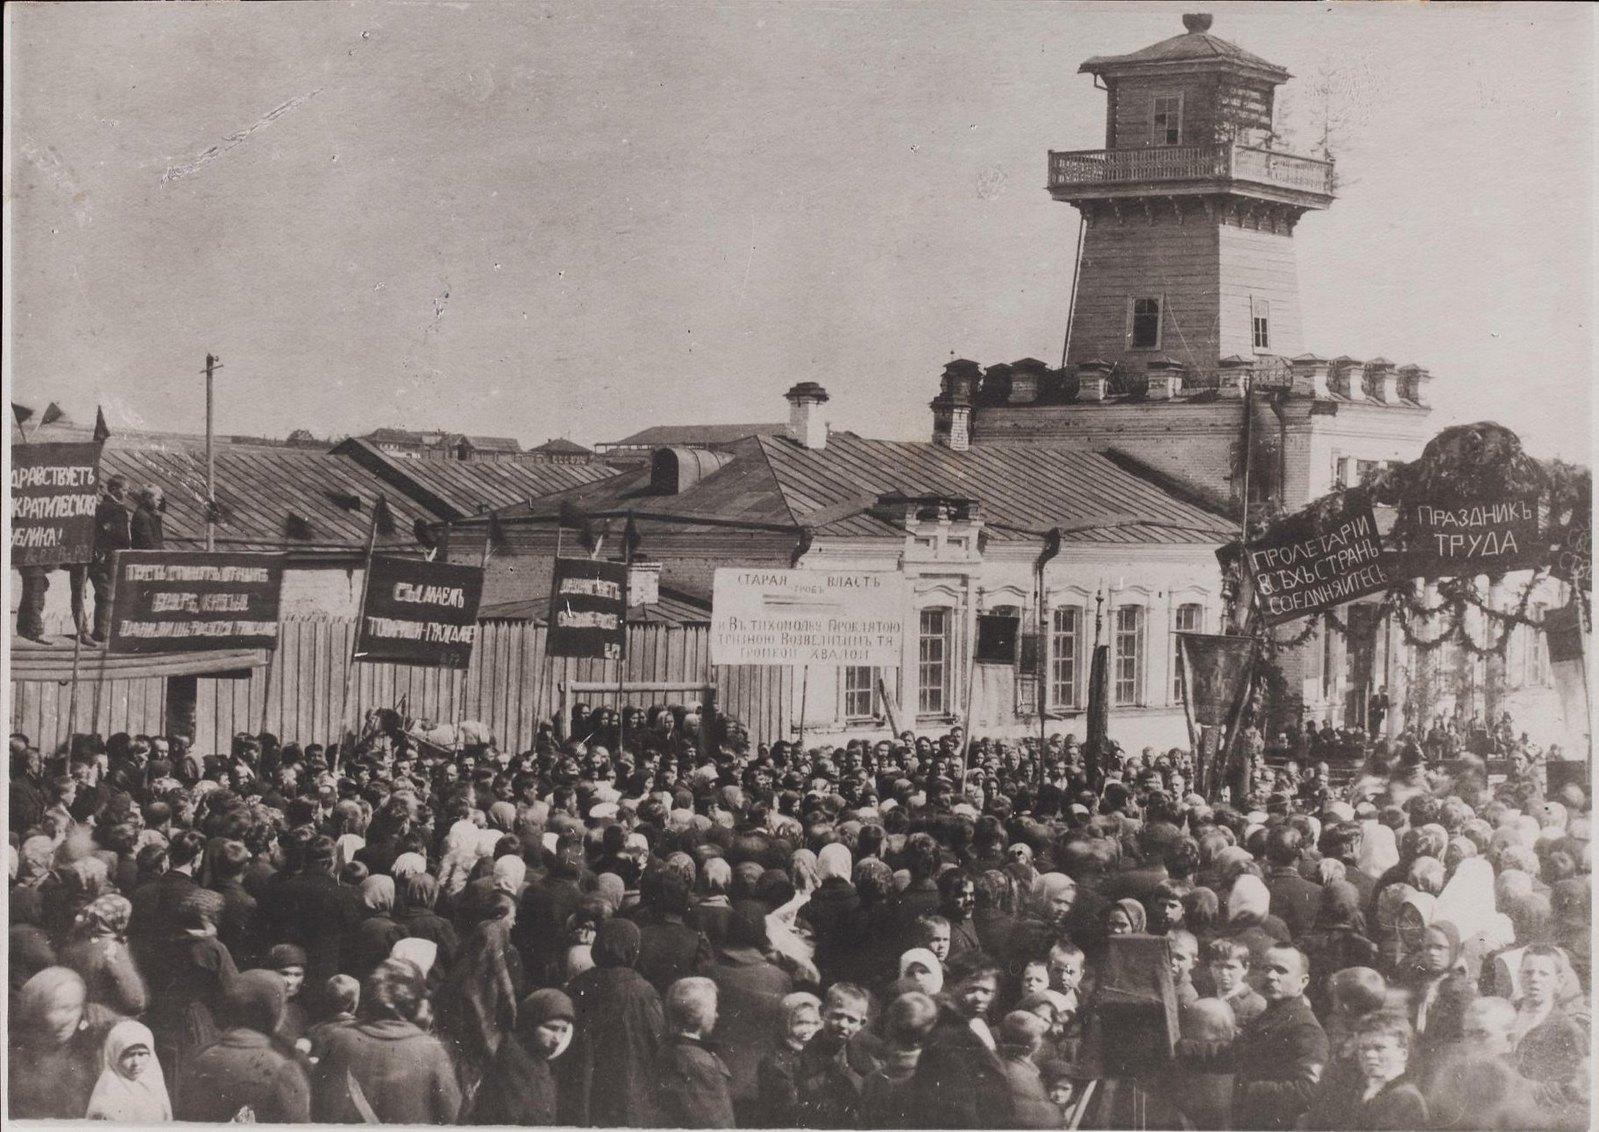 Празднование 1 Мая на Режевском заводе. Пермская губ